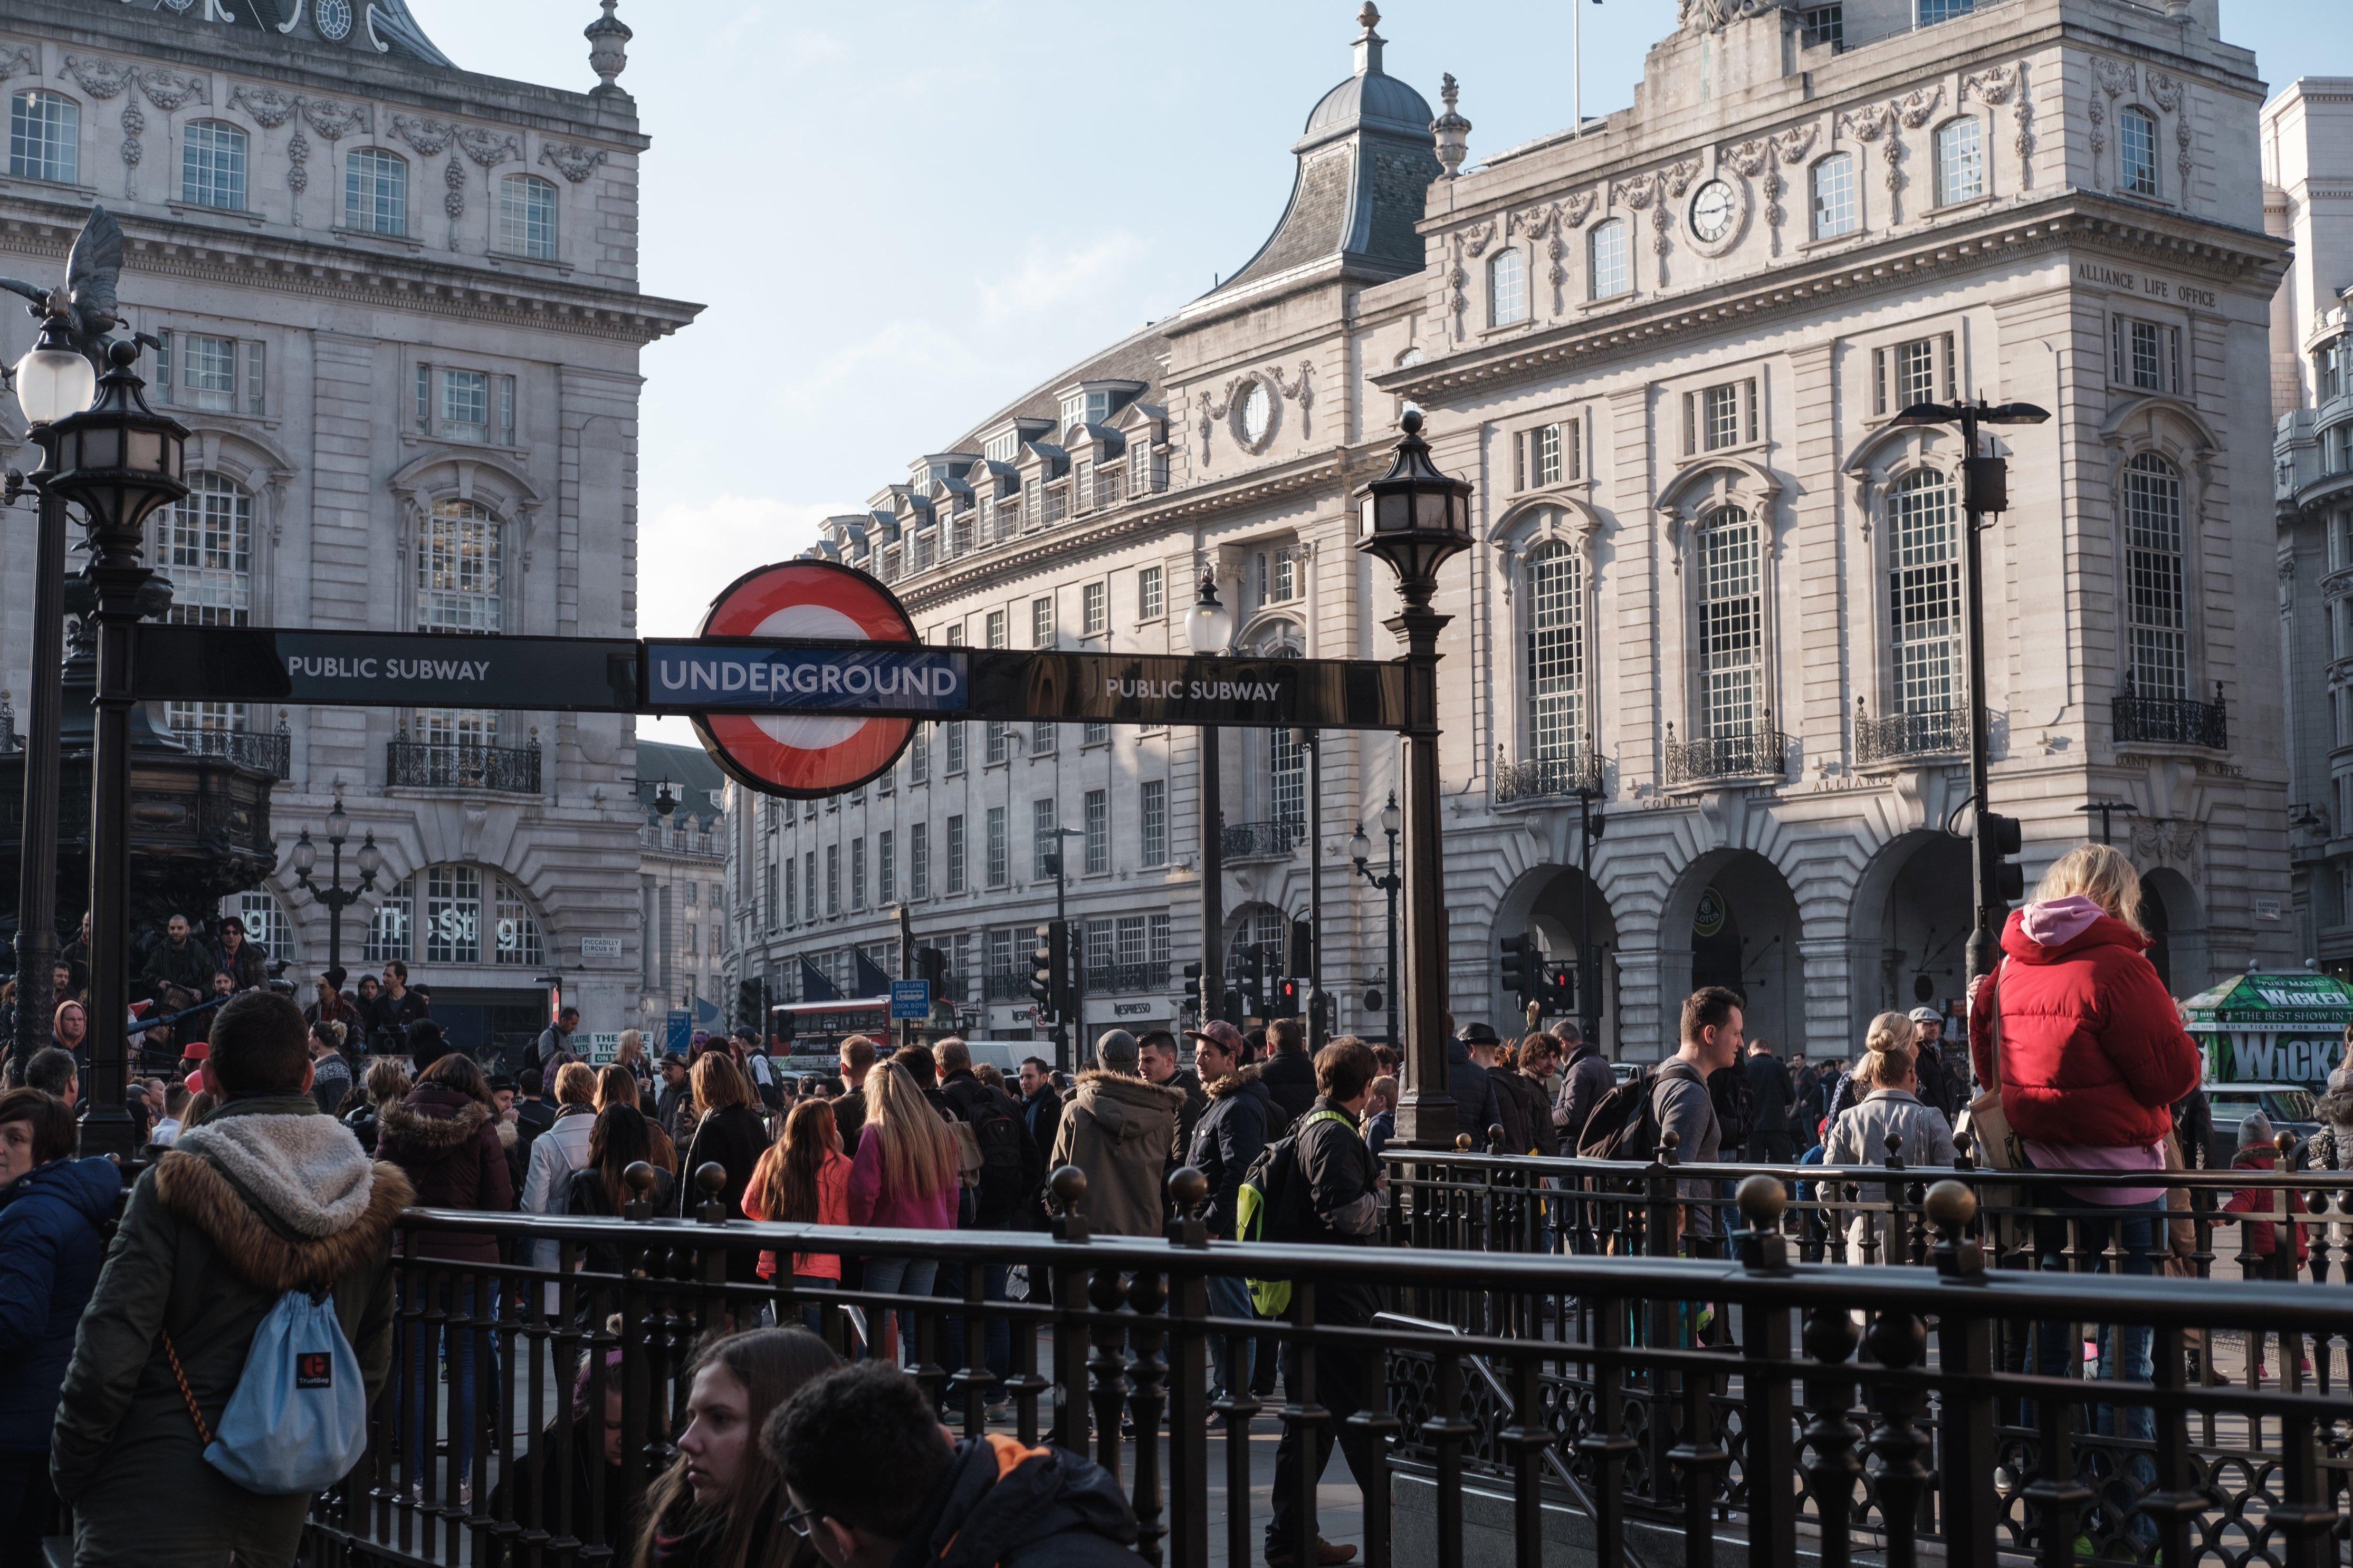 folla intorno all'ingresso della stazione metro di Picadilly Circus